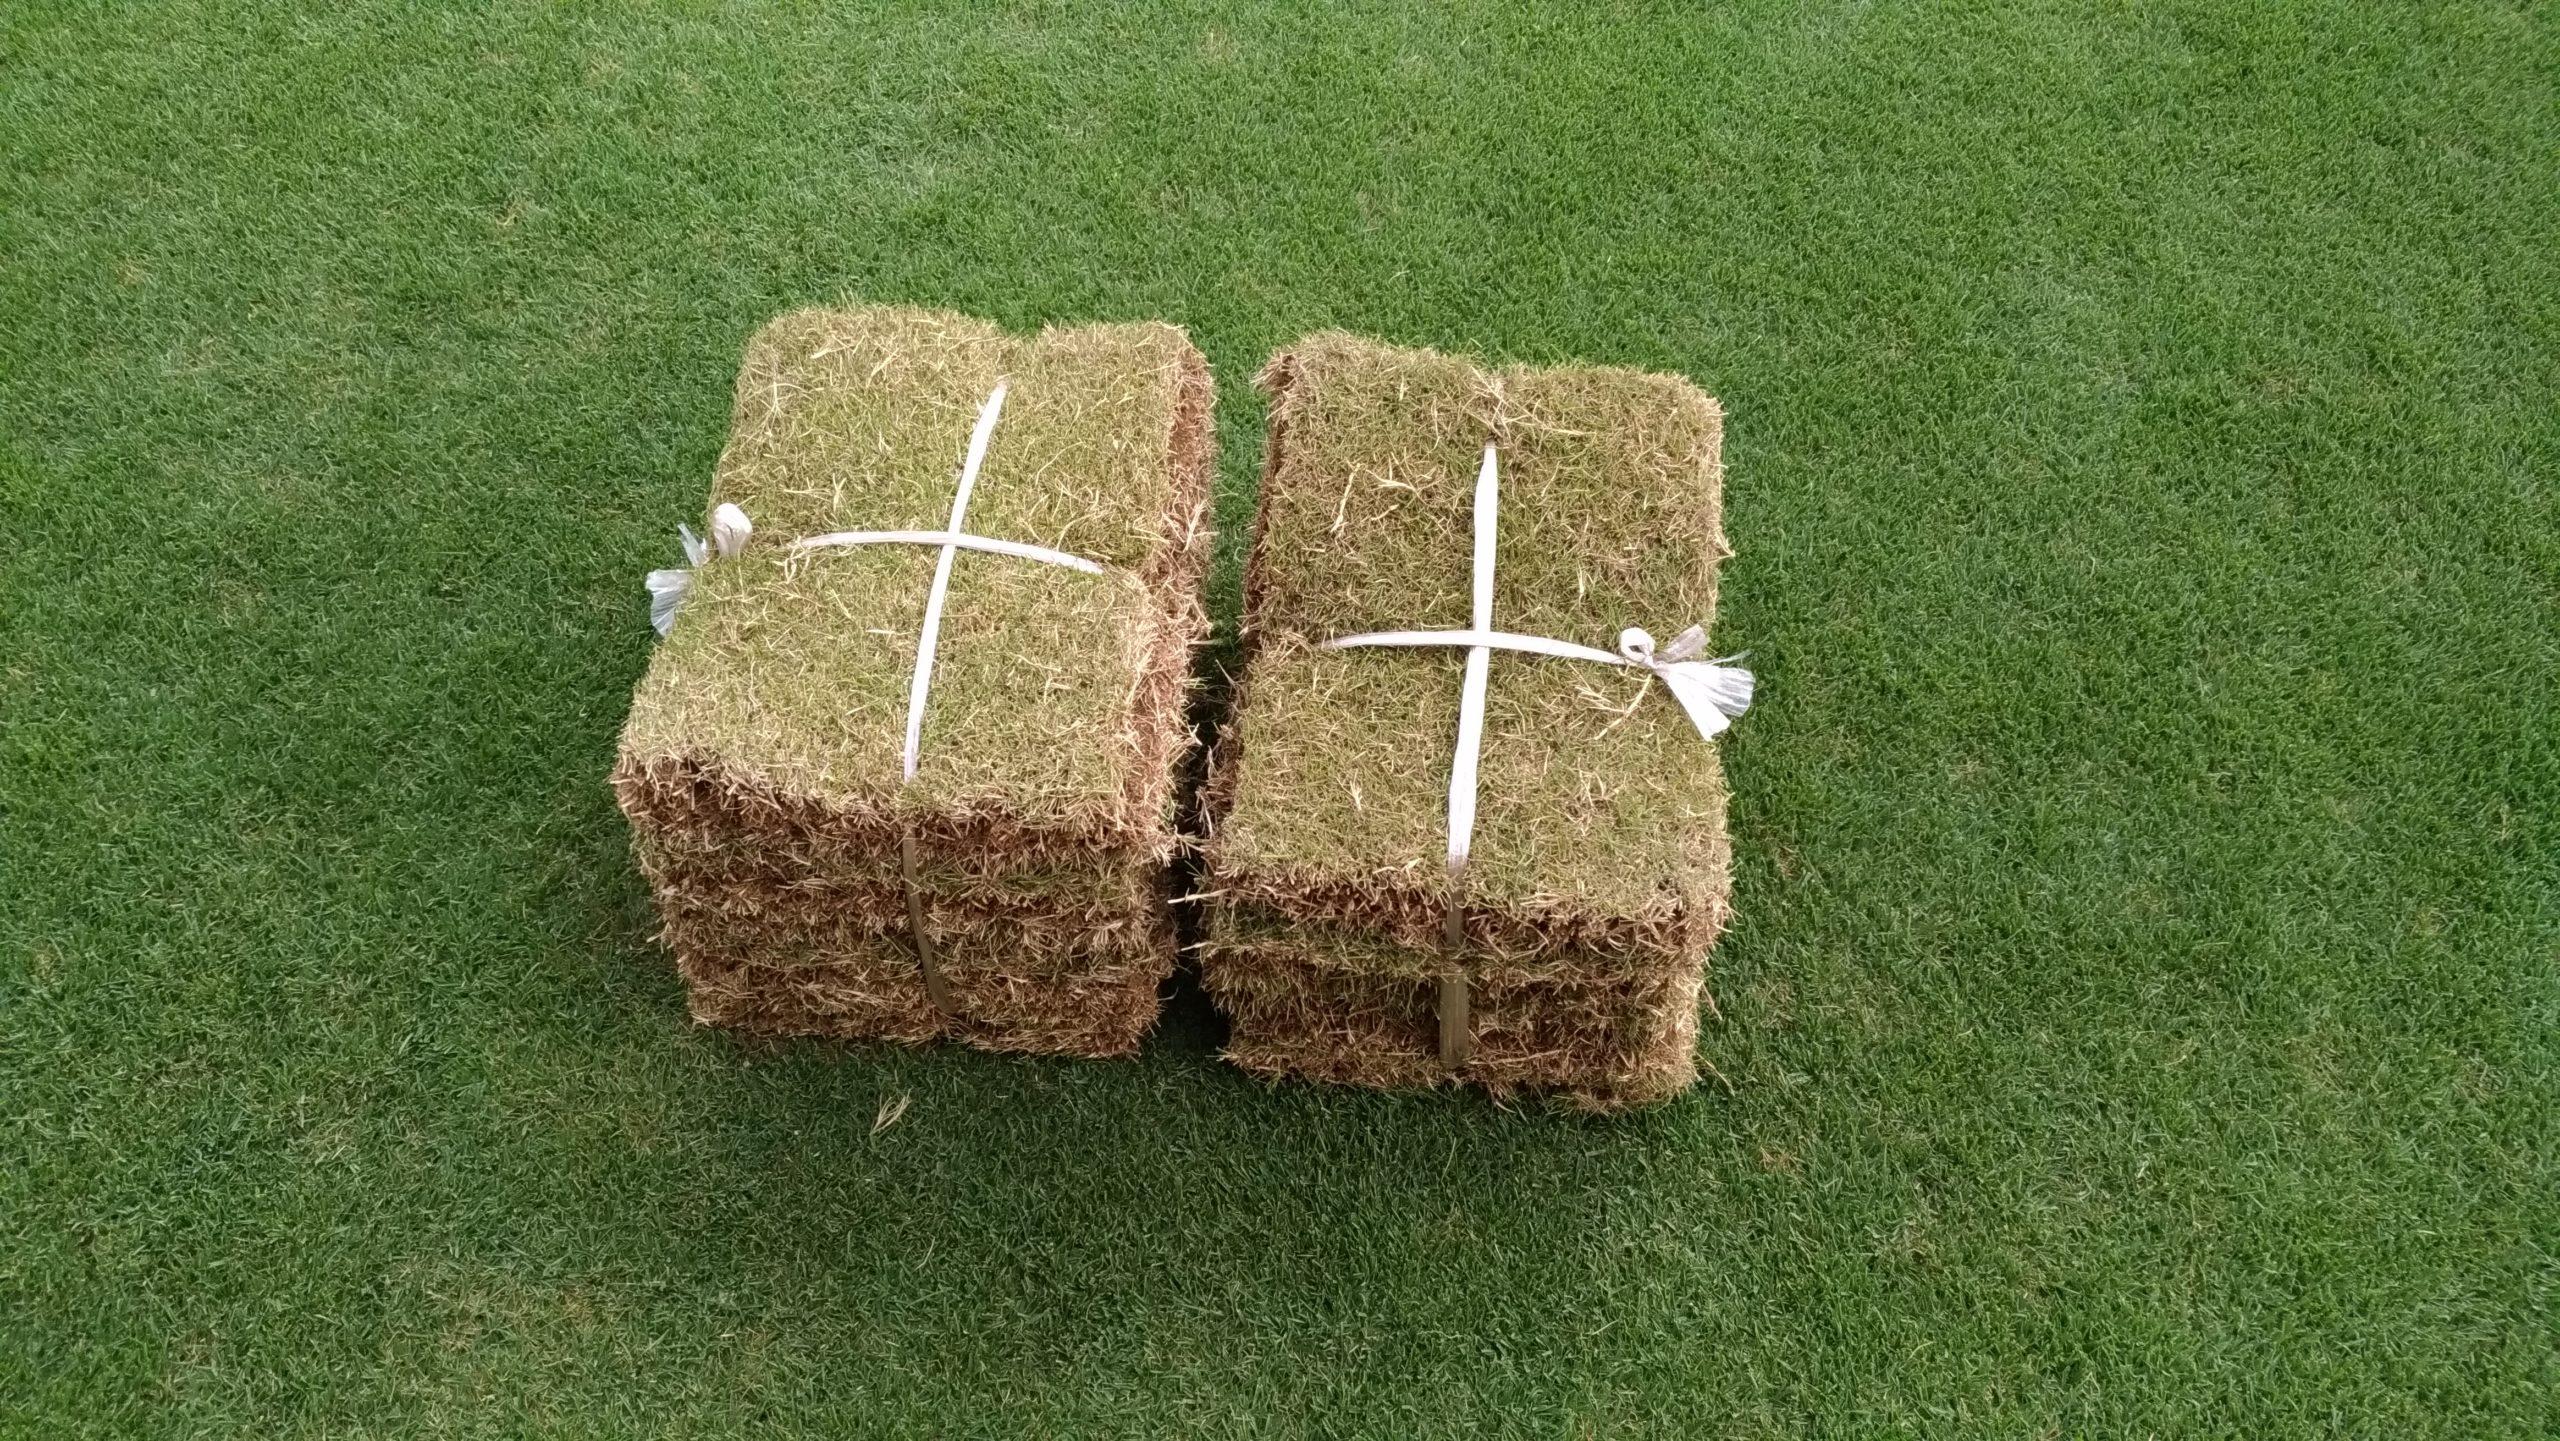 芝生の保管方法!すぐに張れない時はこれだ😃✨